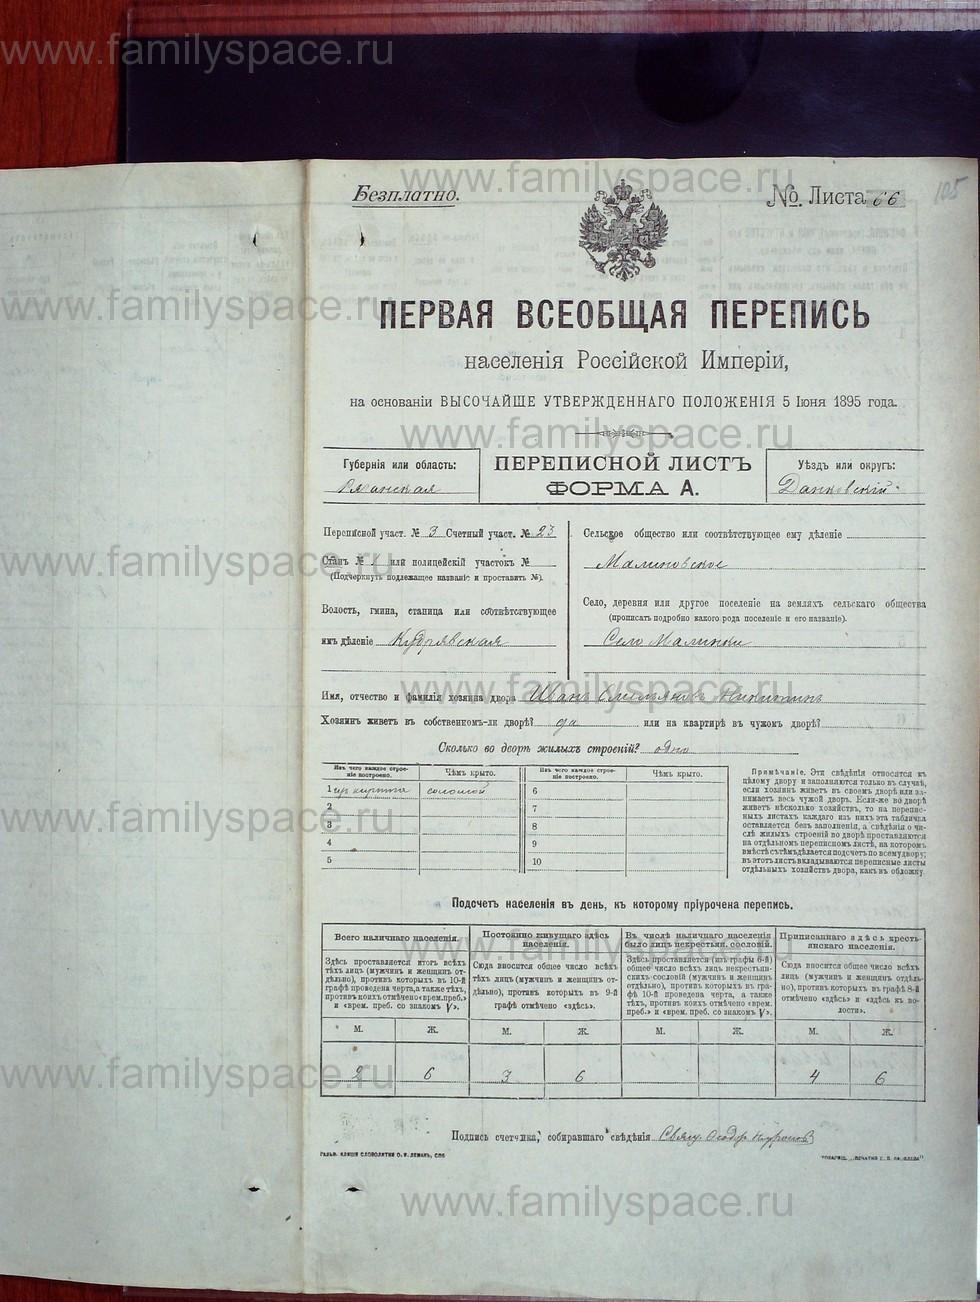 Поиск по фамилии - Первая всеобщая перепись населения Российской империи 1897 года, Рязанская губерния, Данковский уезд, страница 614